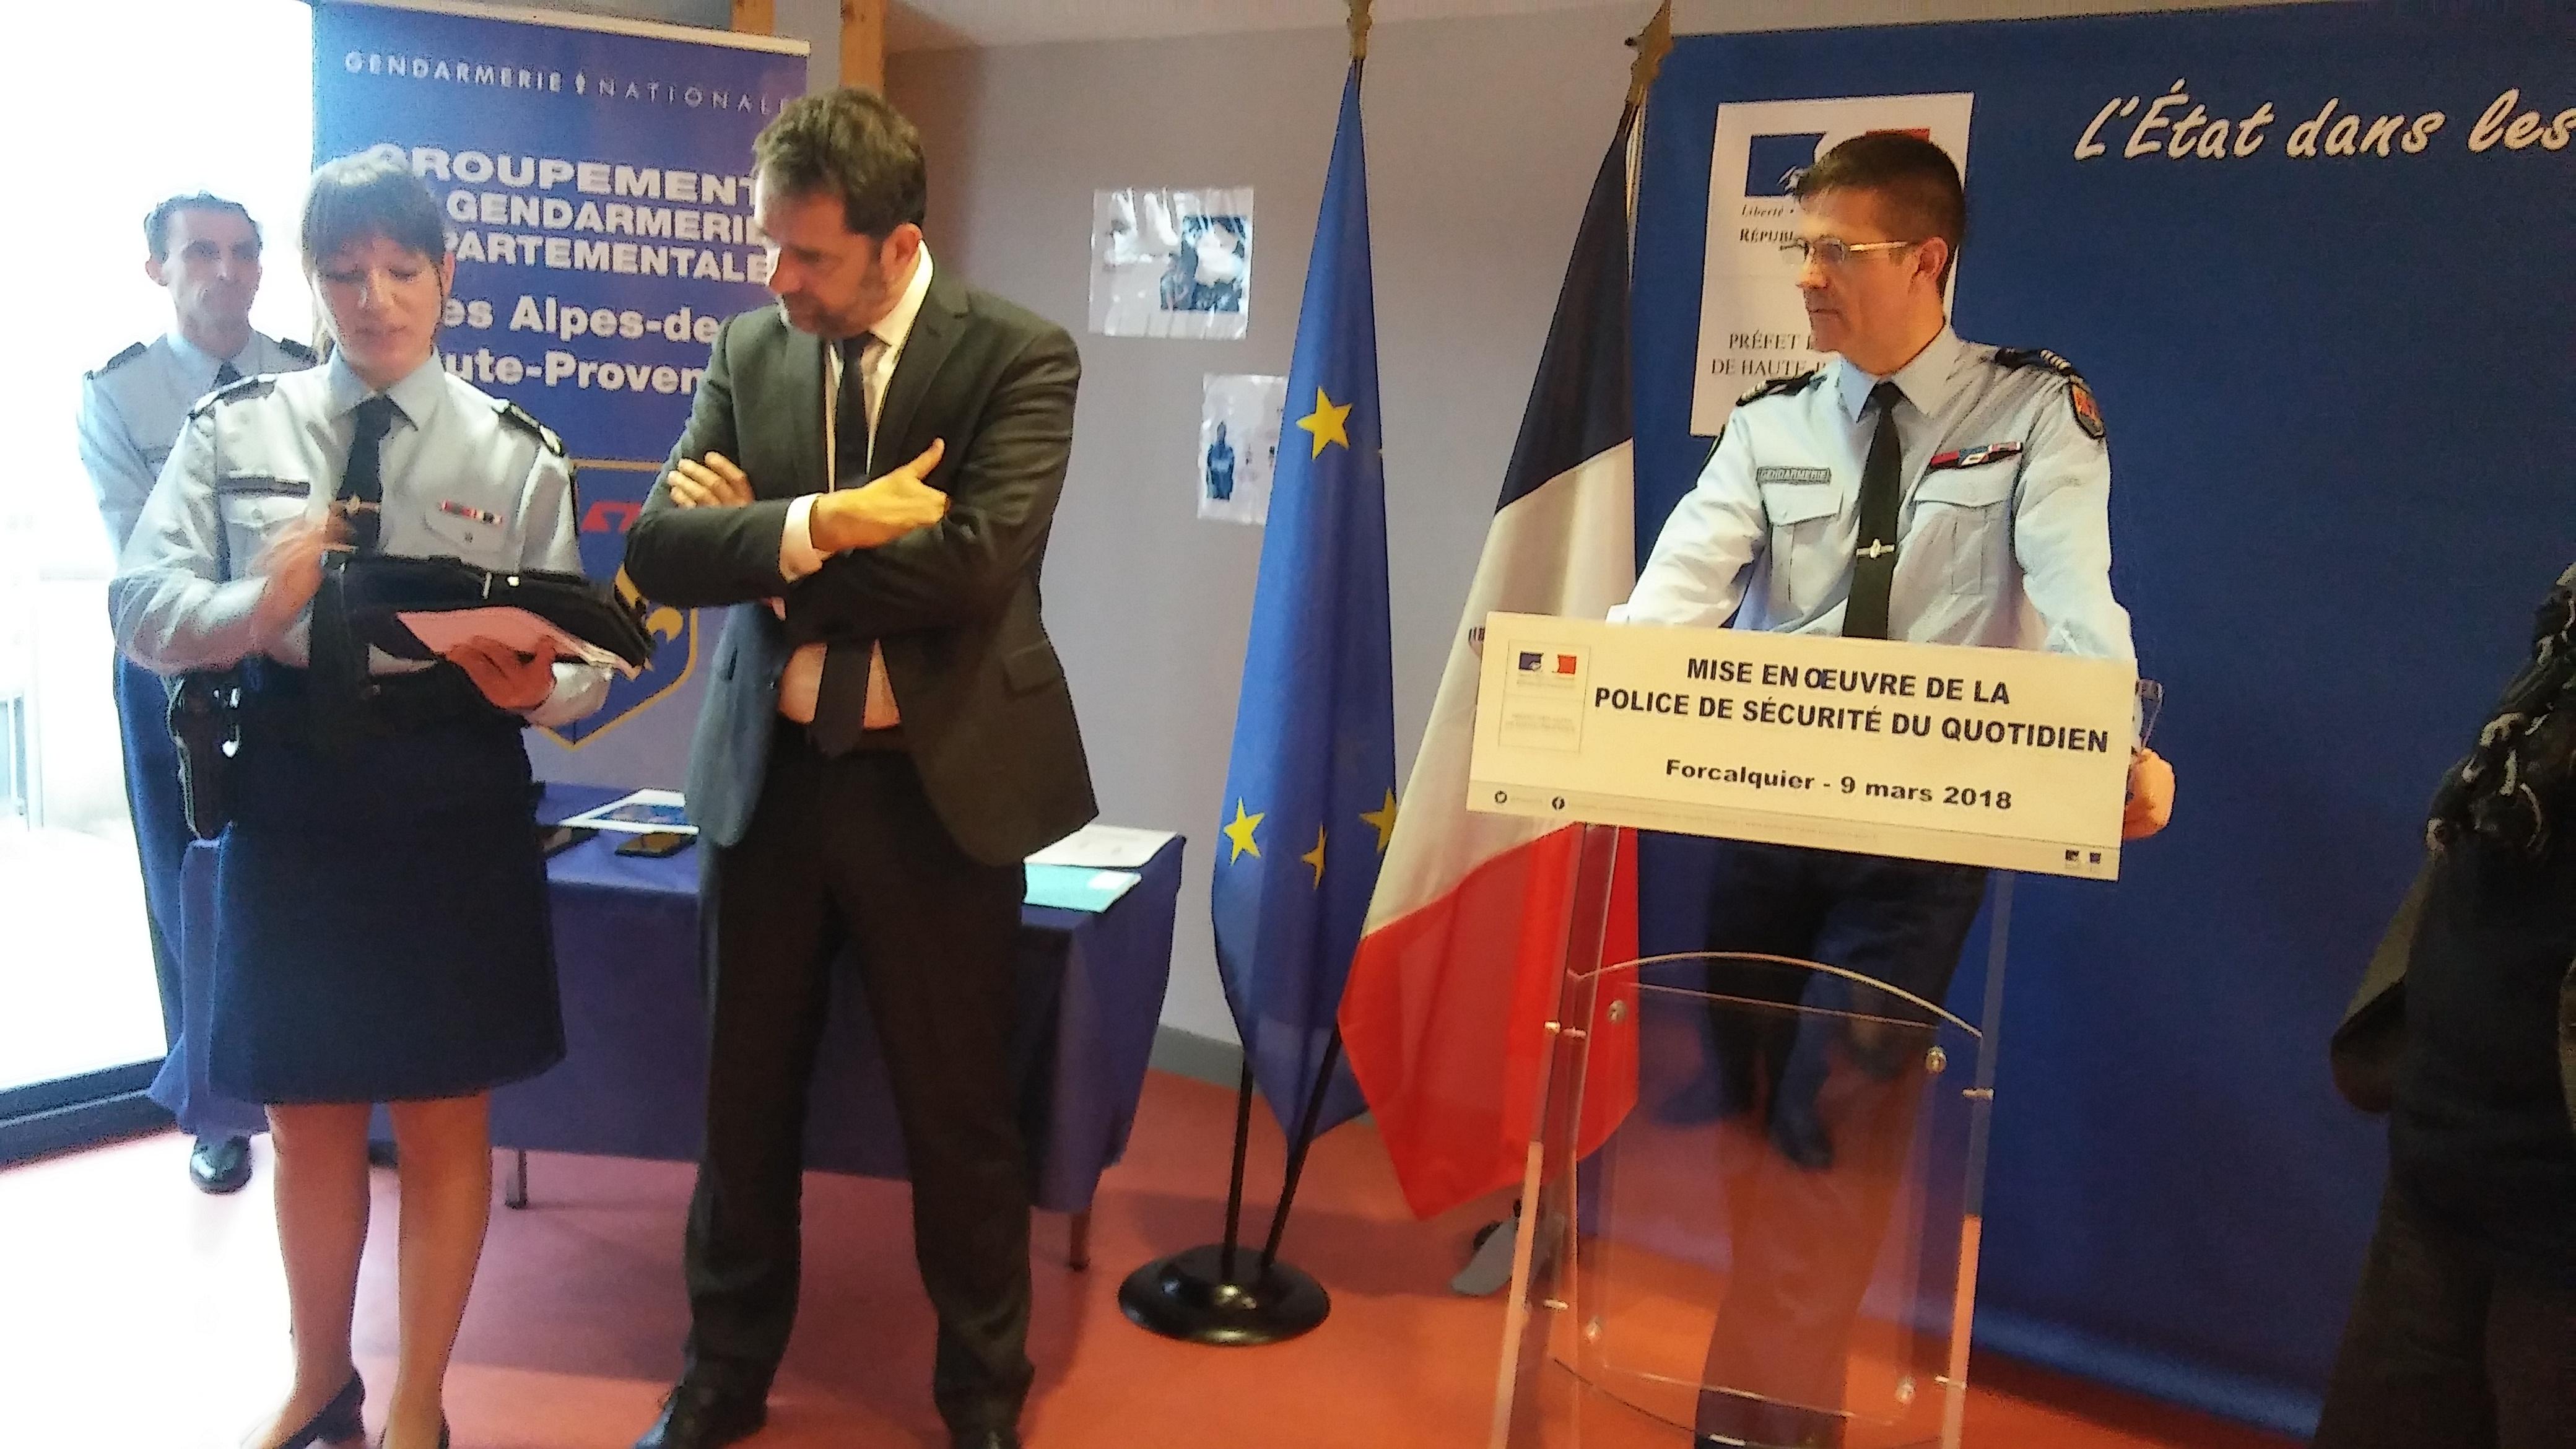 Police et gendarmerie: les missions et moyens évoluent